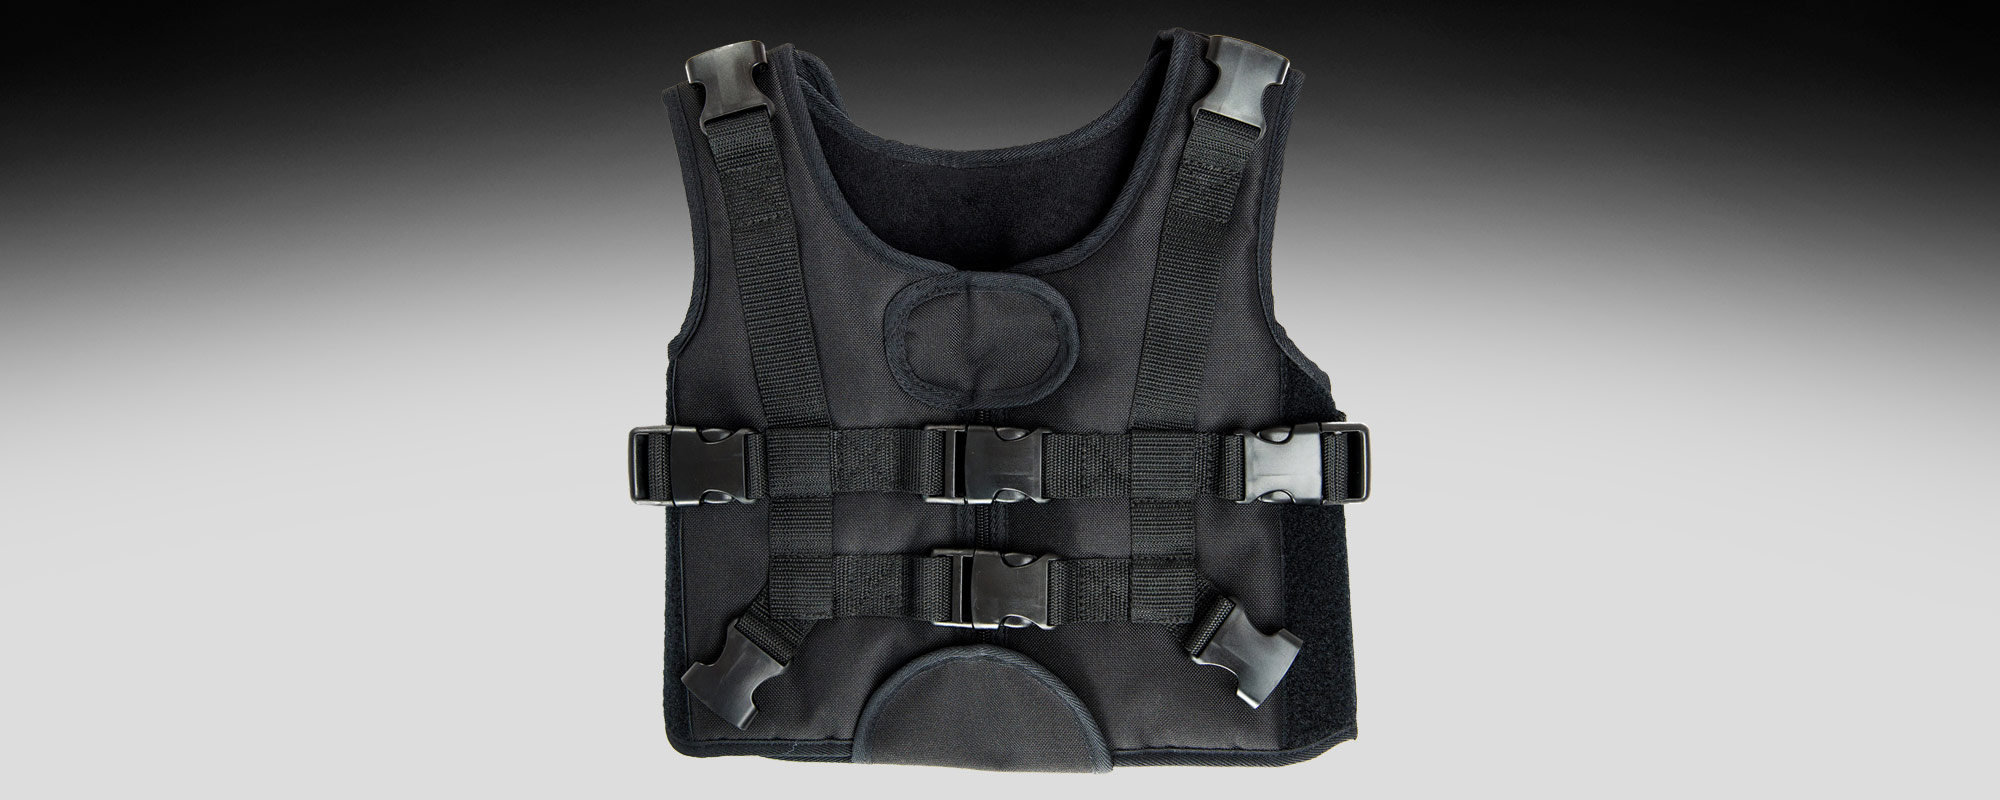 6 points safety vest – K6